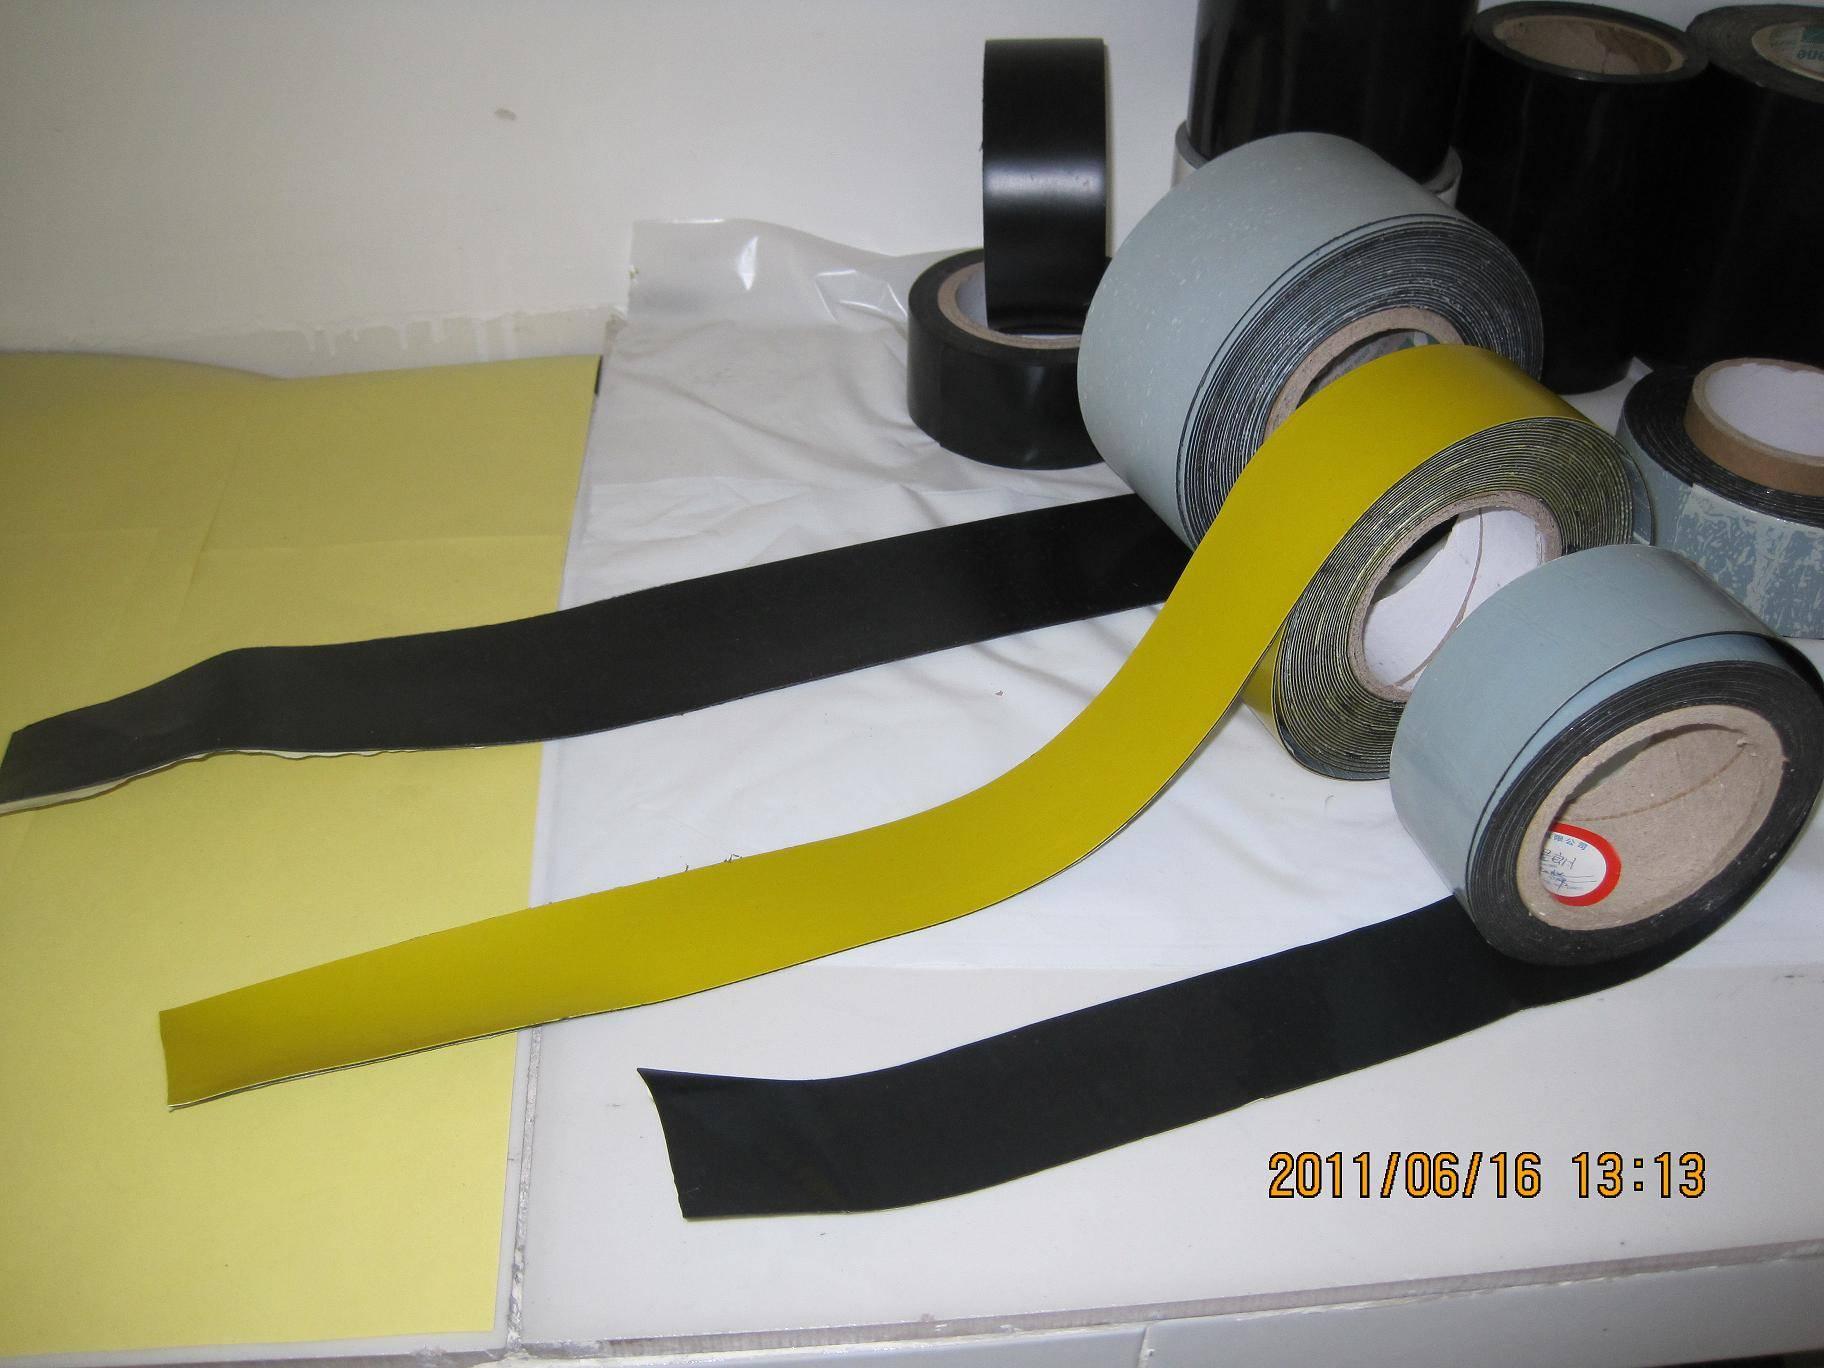 Polyken 930 joint wrtap tape